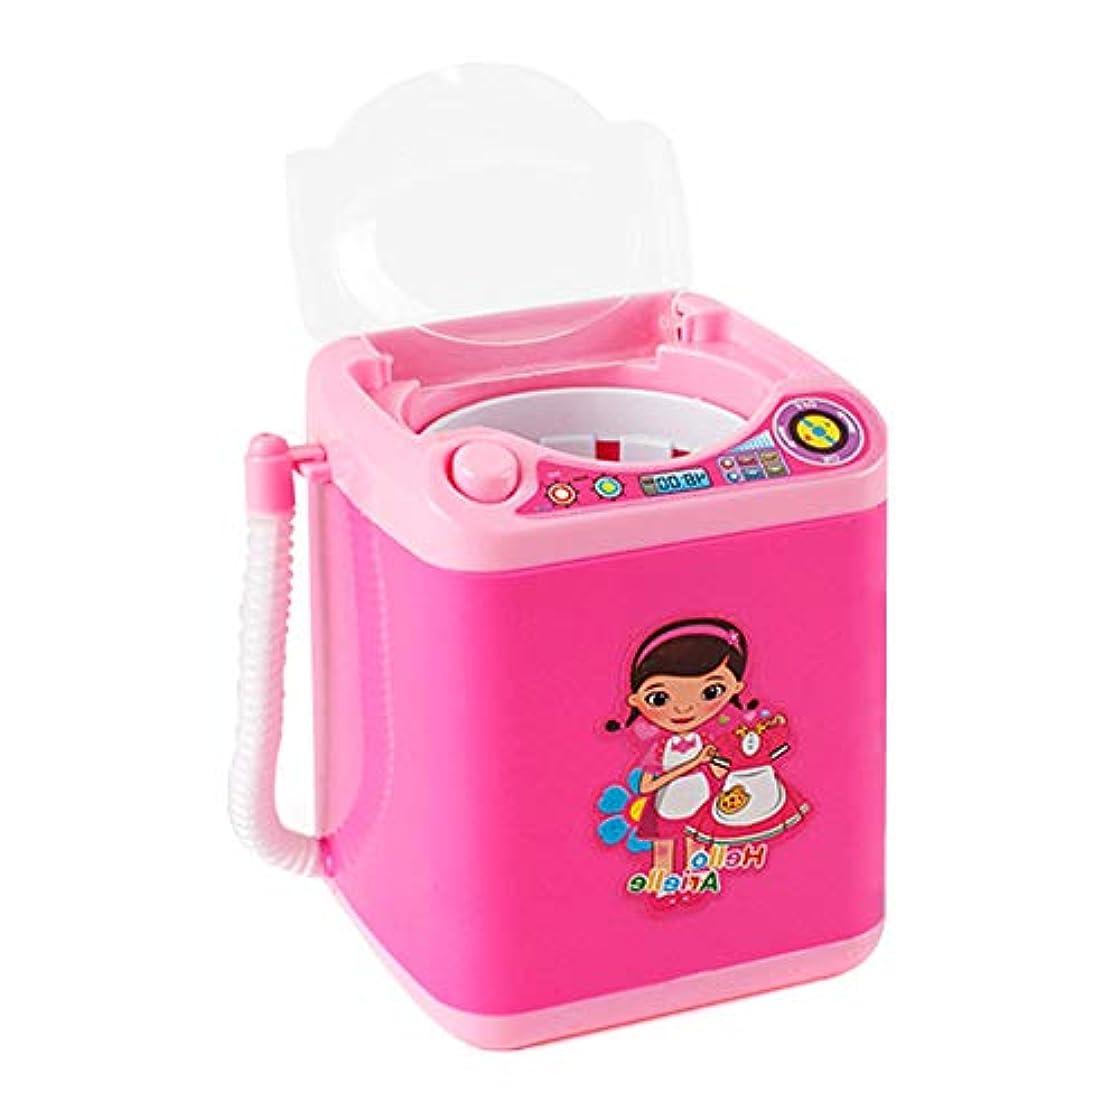 Aylincool  ミニ多機能子供洗濯機のおもちゃ美容スポンジブラシワッシャー